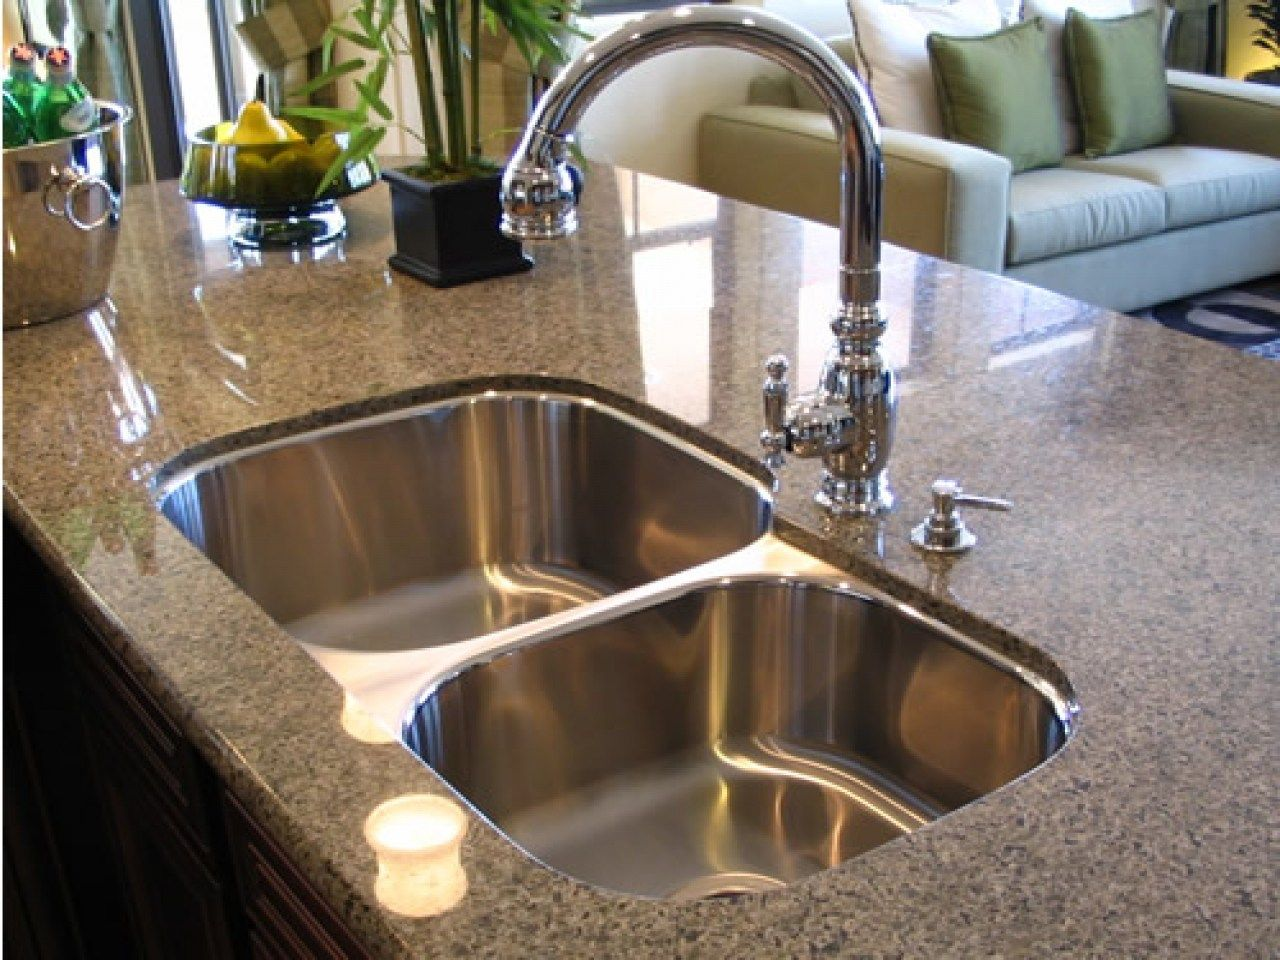 undermount granite kitchen sinks rafael home biz with undermount ...